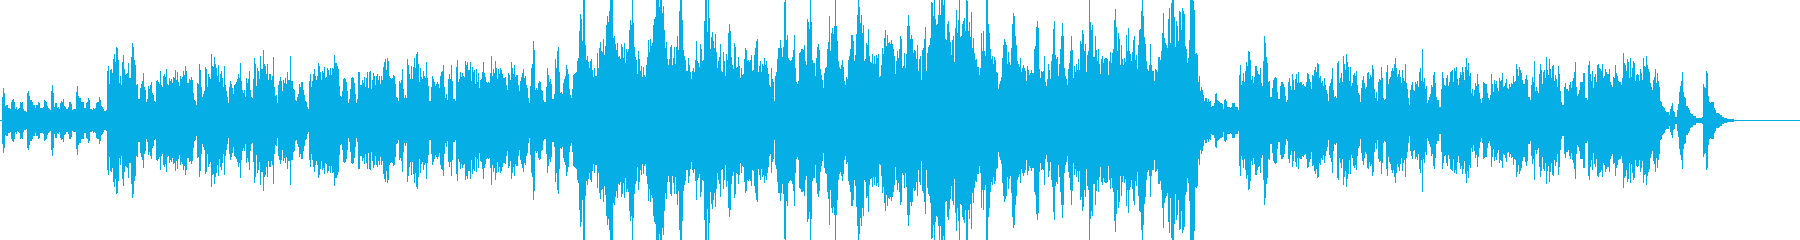 フルート・ほのぼの・優雅の再生済みの波形